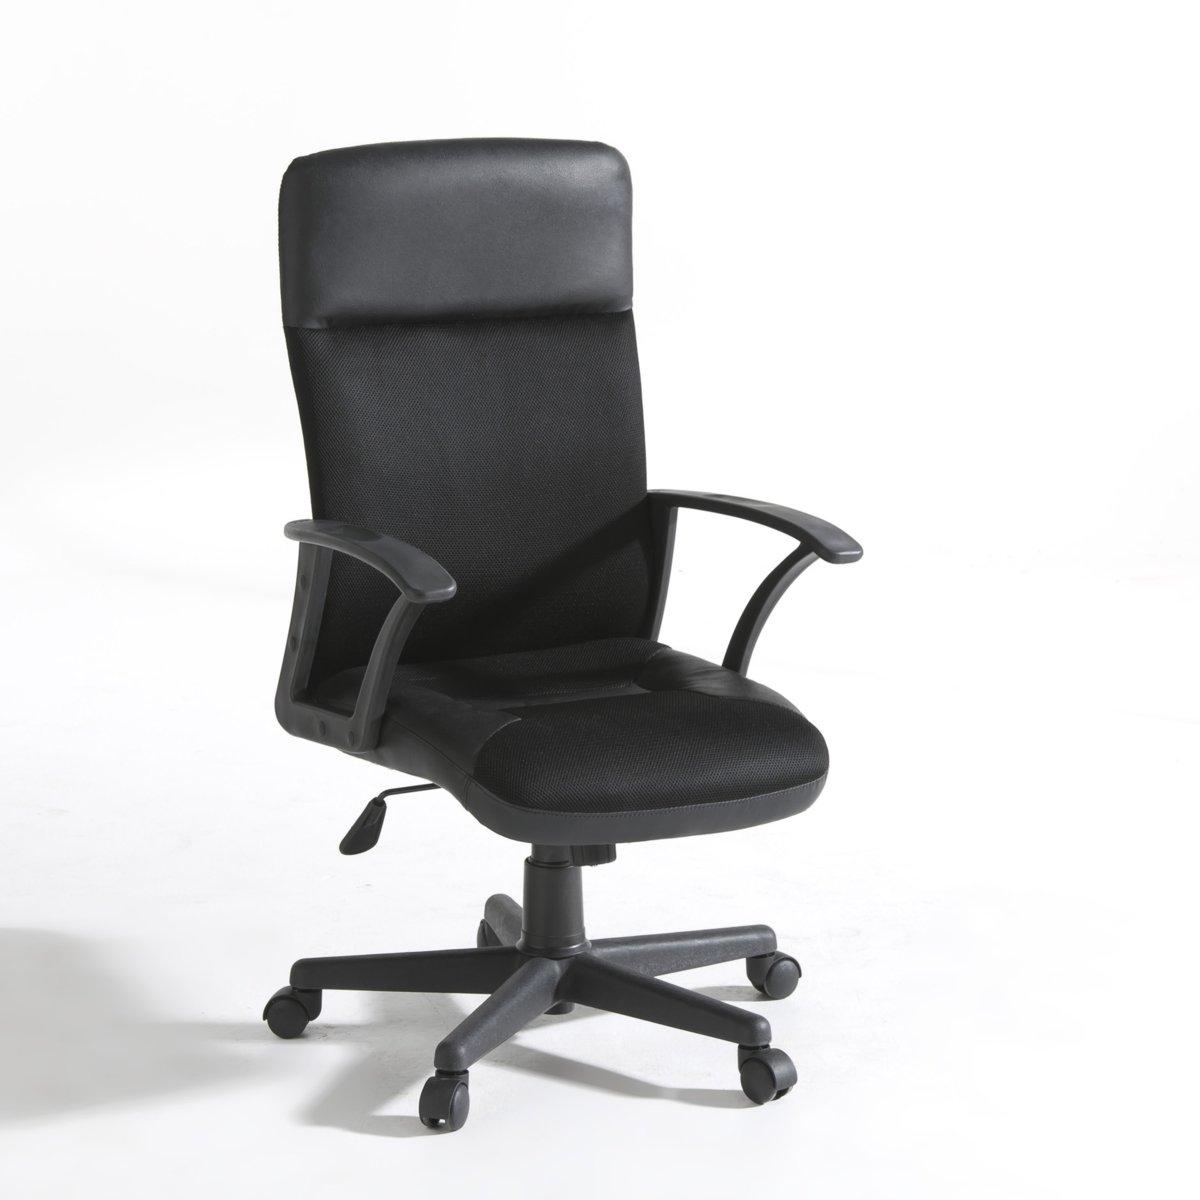 Кресло офисное на колесиках  Azzo от La Redoute